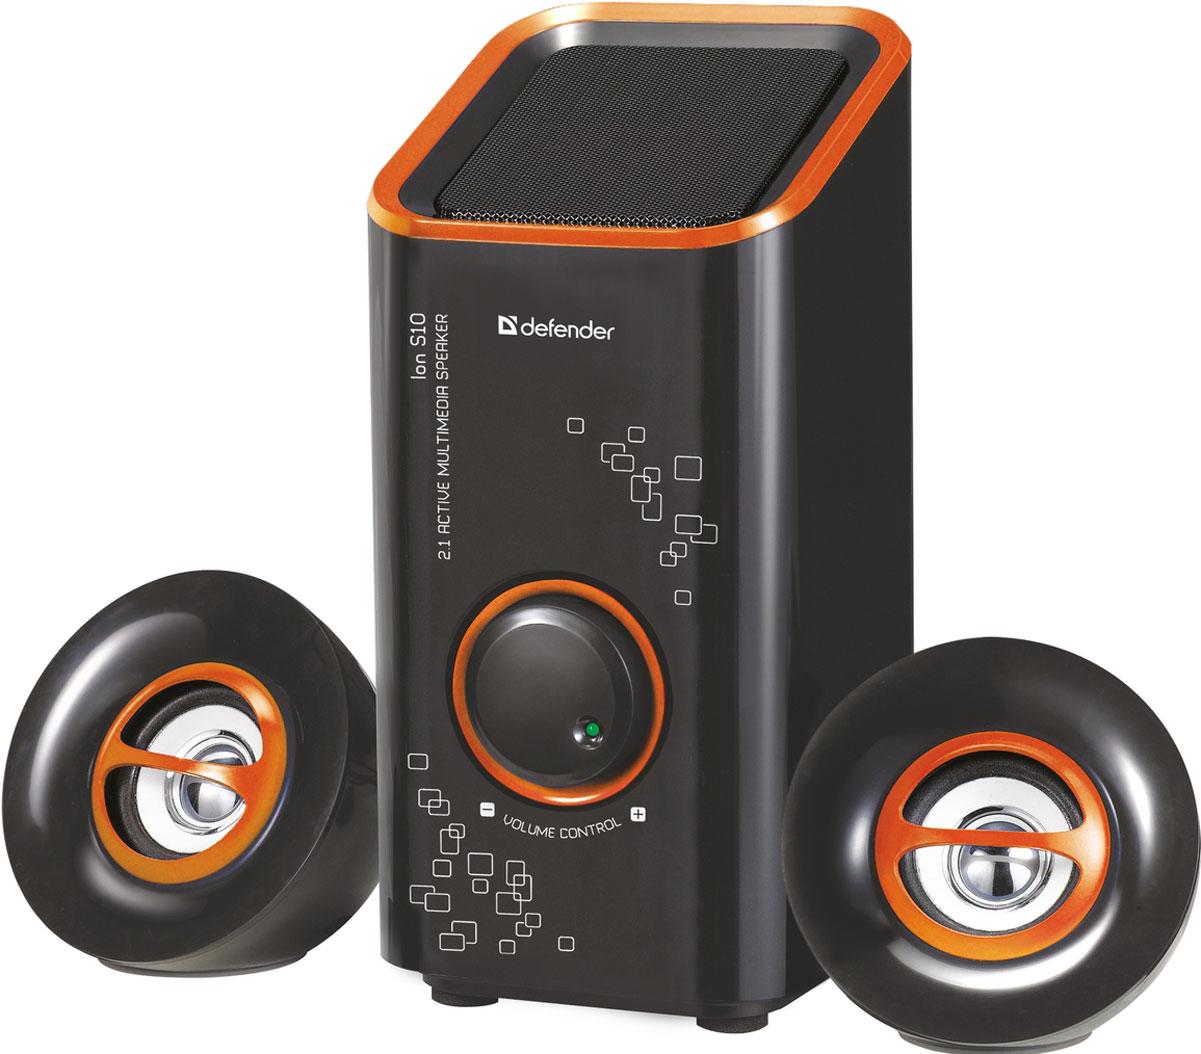 Defender ION S10, Black акустическая система 2.1ION S10, BlackDefender ION S10 - компактная акустическая система 2.1. Компактные размерыАкустическая система займет минимум места на рабочем столе. Регулятор громкостиРегулятор громкости расположен на передней панели сабвуфера. Вам больше не придется переключаться на управление вашим медиаплеером, чтобы изменить громкость. Магнитная экранировкаЧеткая картинка без помех гарантирована даже при расположении колонок в непосредственной близости от монитора.